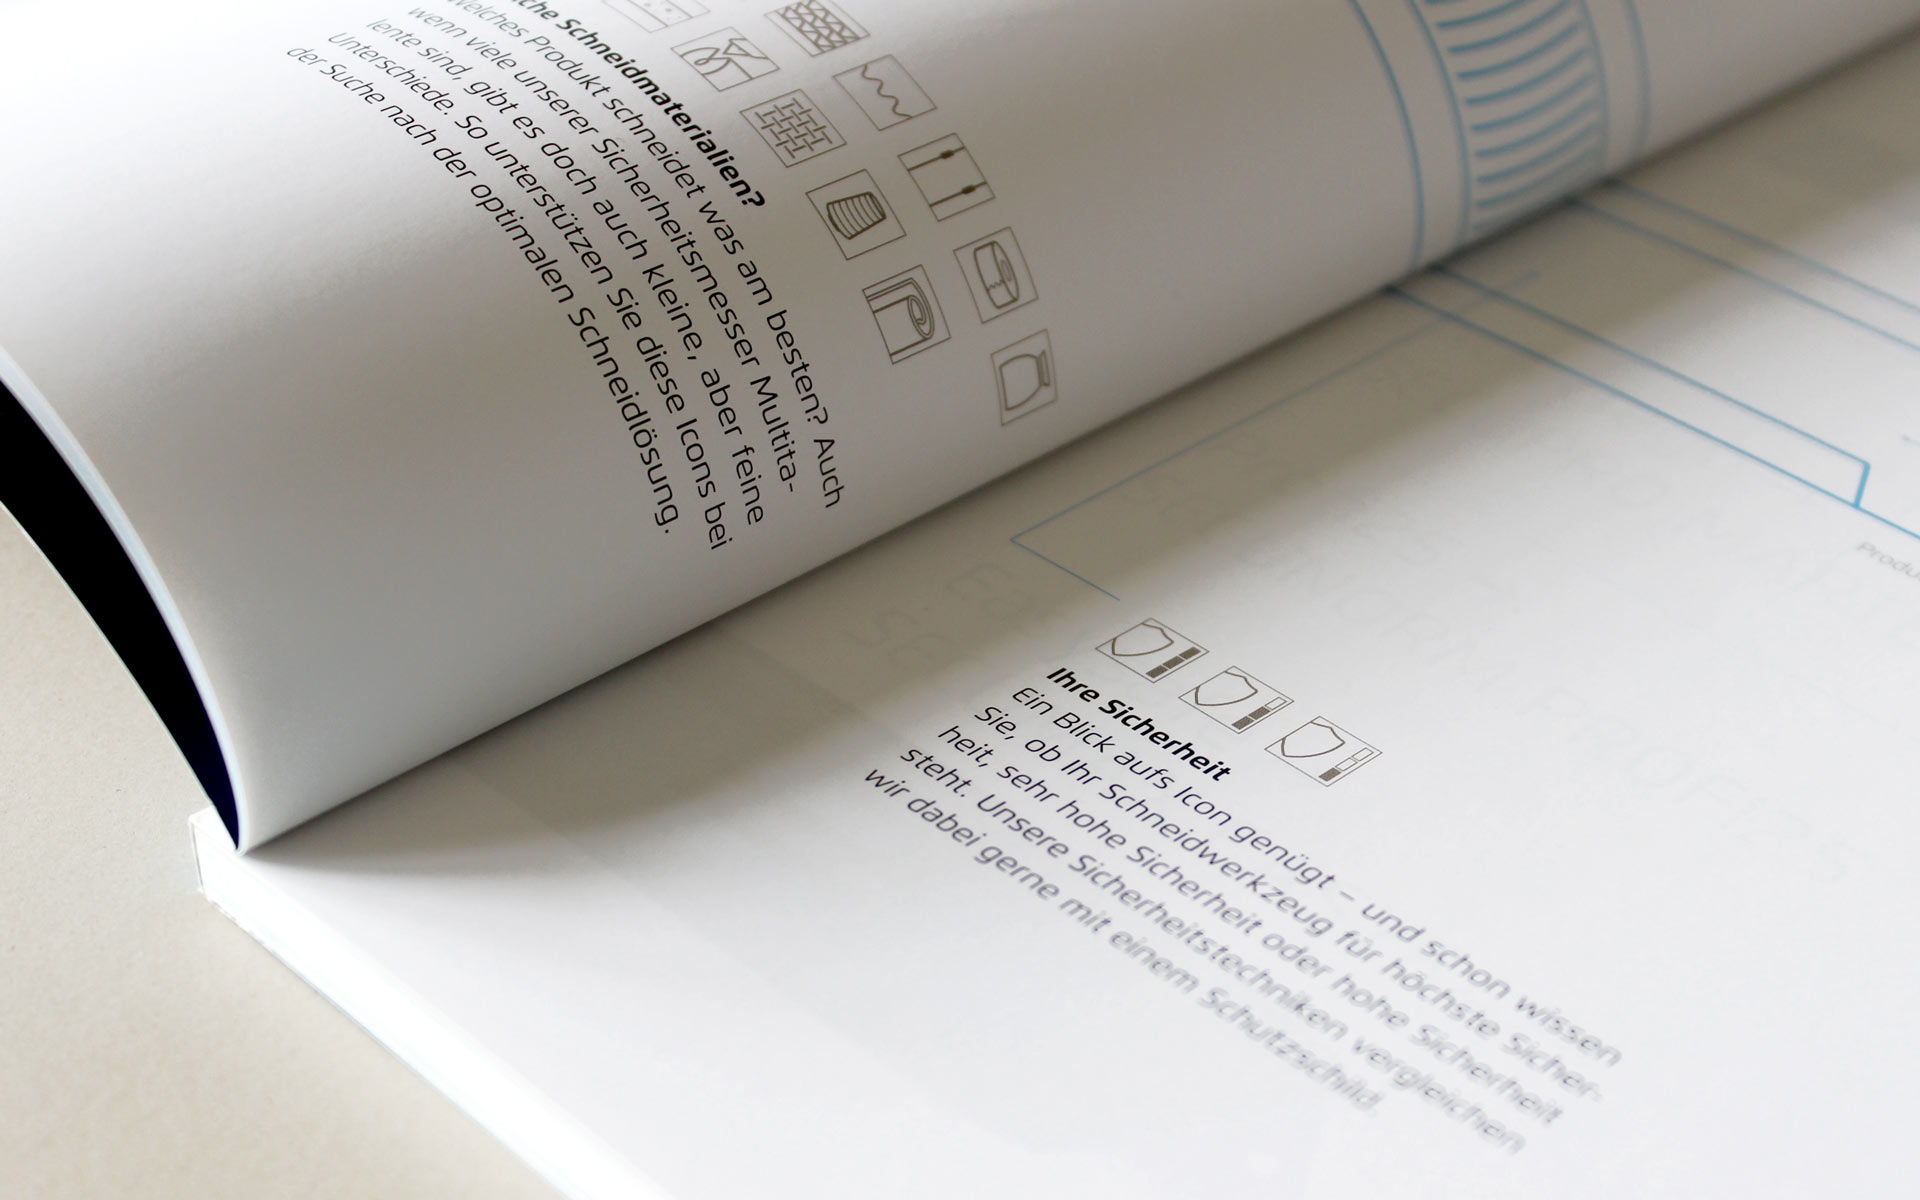 MARTOR Broschürenkonzept, Sicherheitsmesser Katalog, Piktogramme